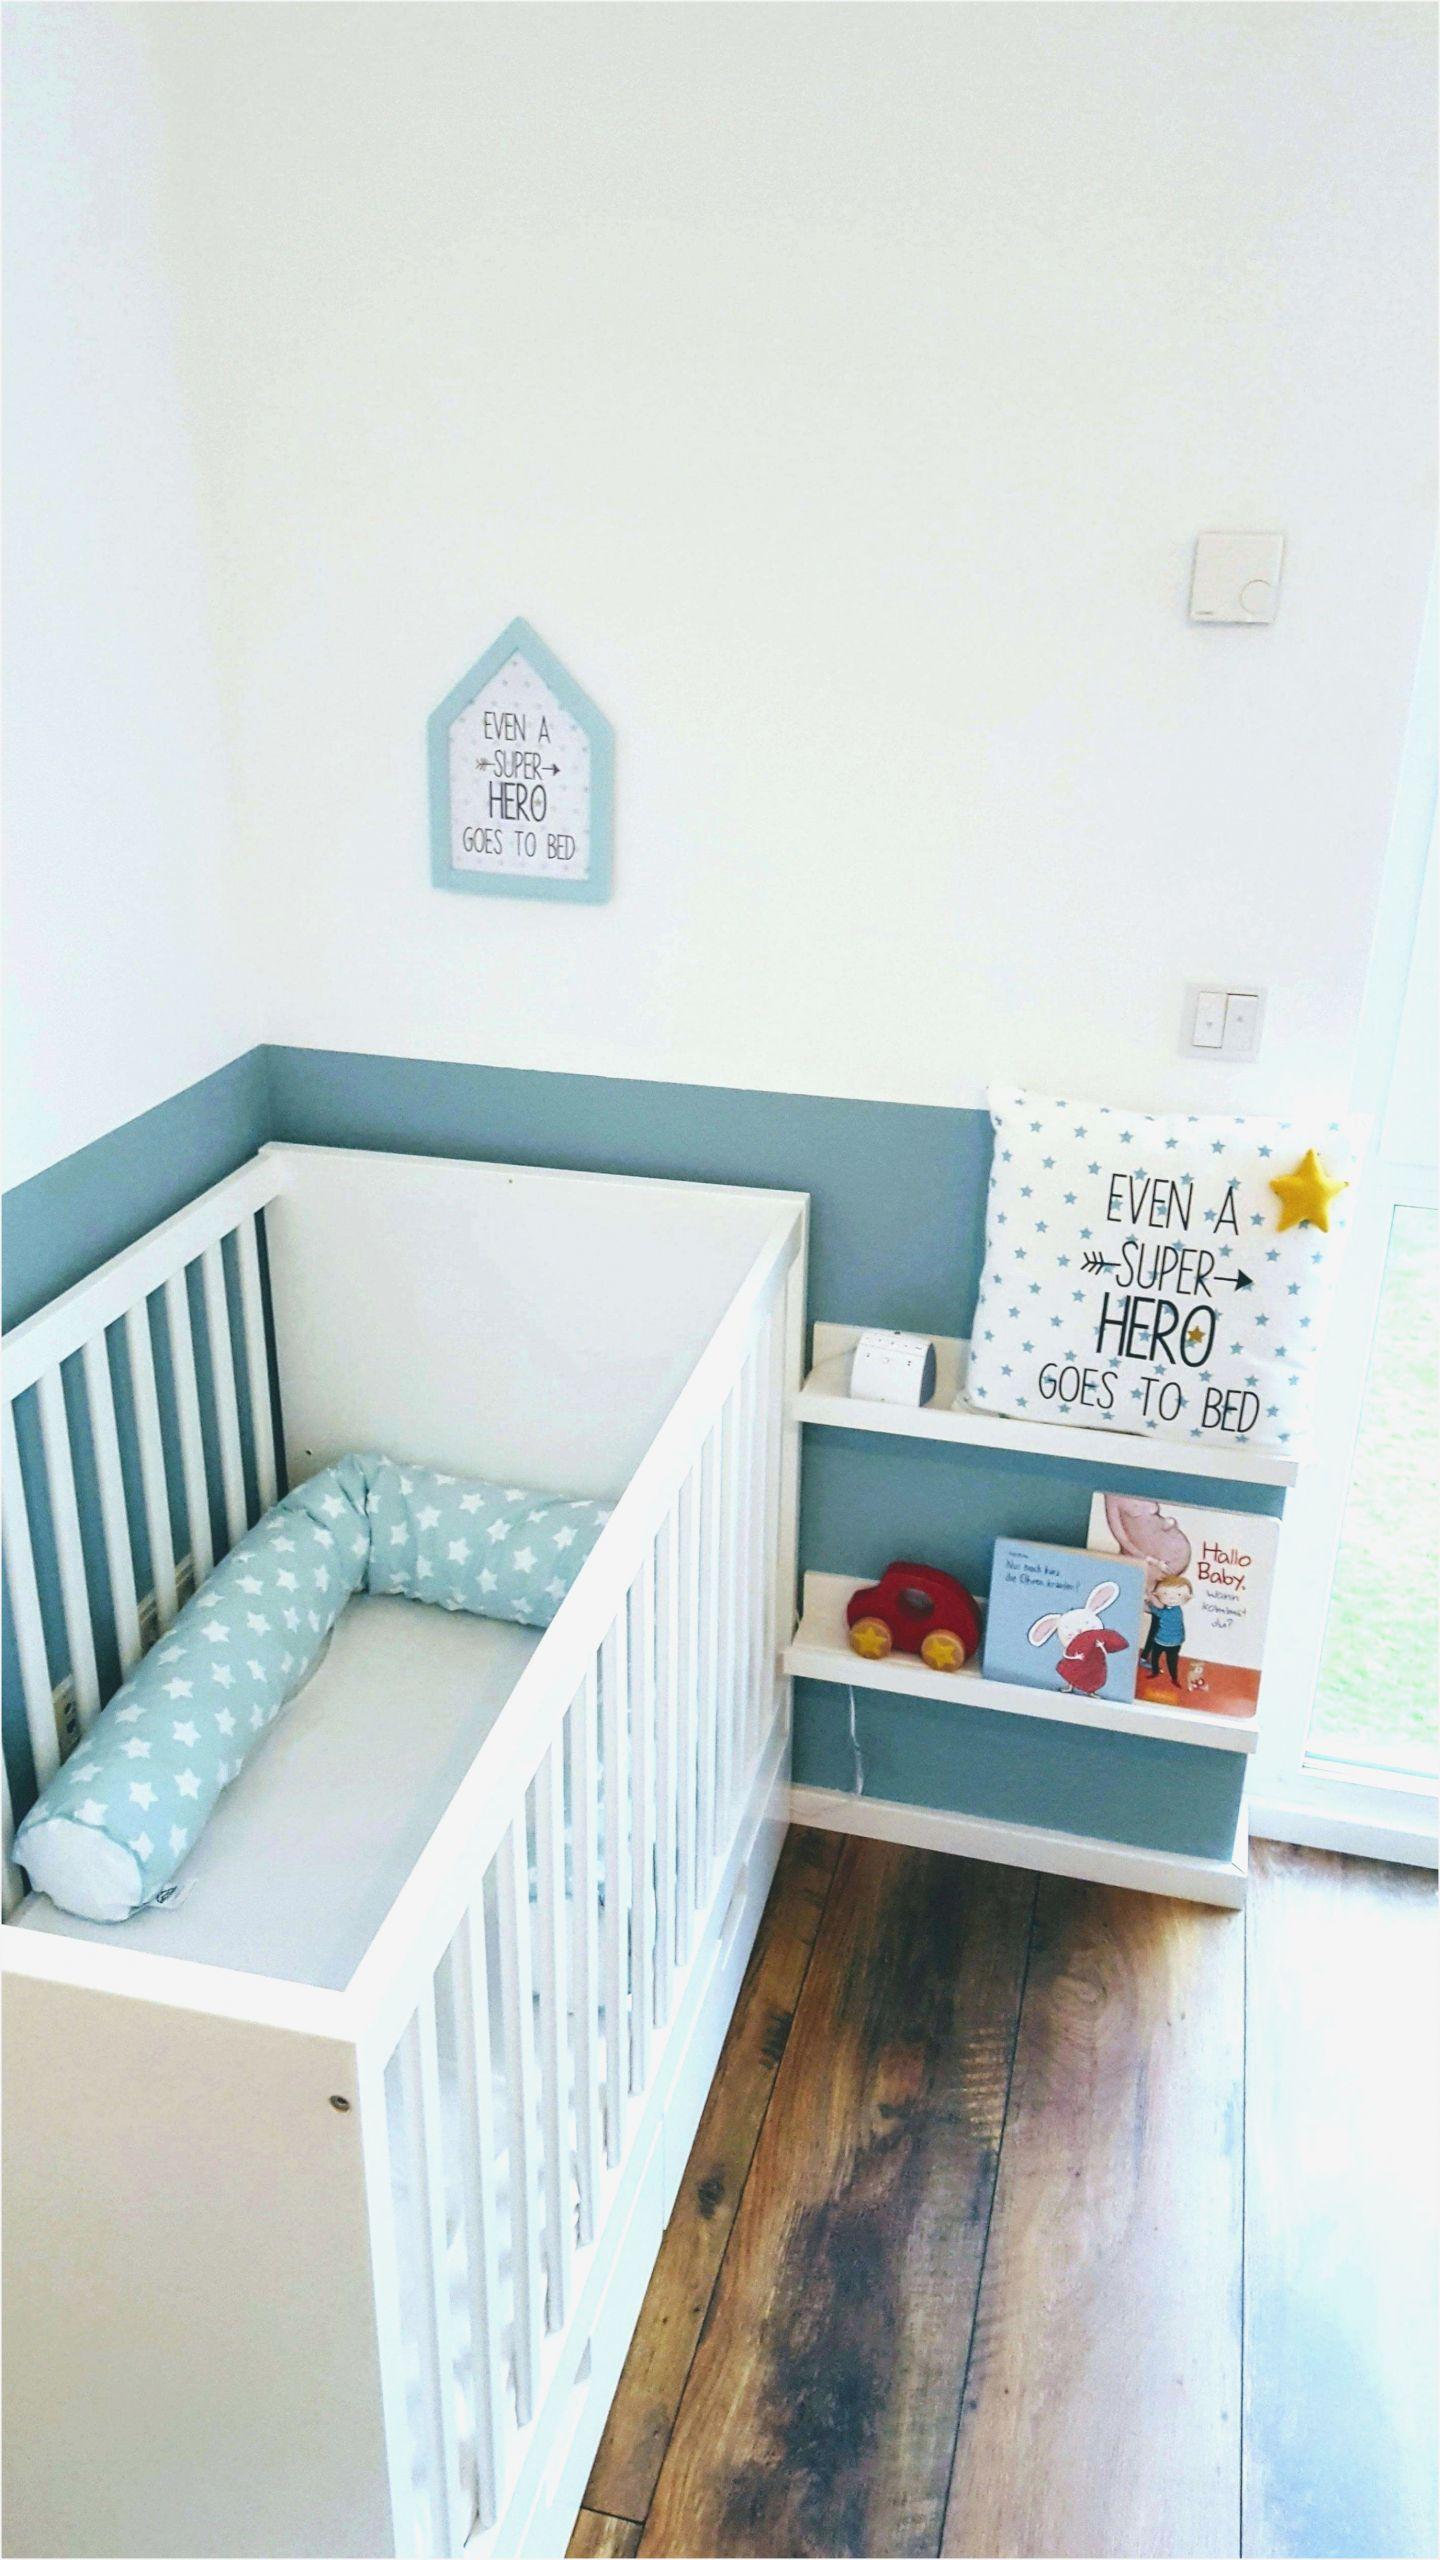 Full Size of Kinderzimmer Einrichten Junge Küche Badezimmer Regal Weiß Kleine Regale Sofa Kinderzimmer Kinderzimmer Einrichten Junge